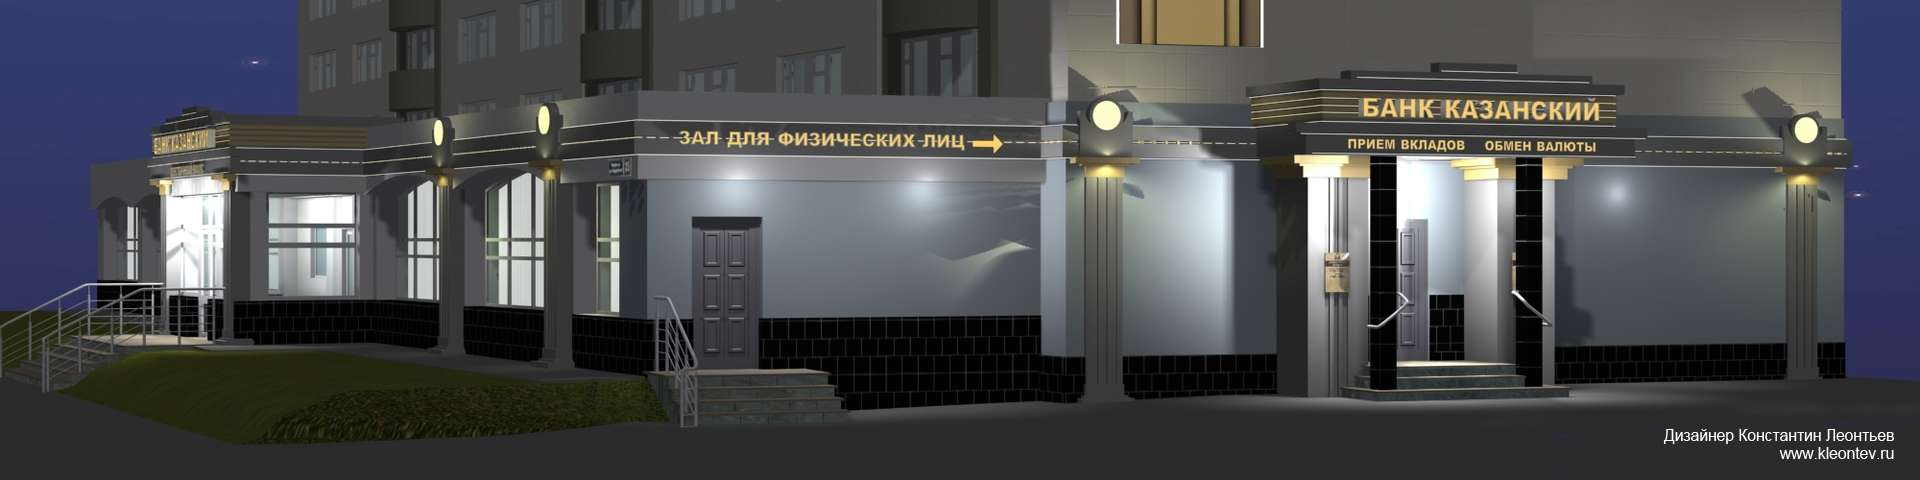 Визуализация фасада банка